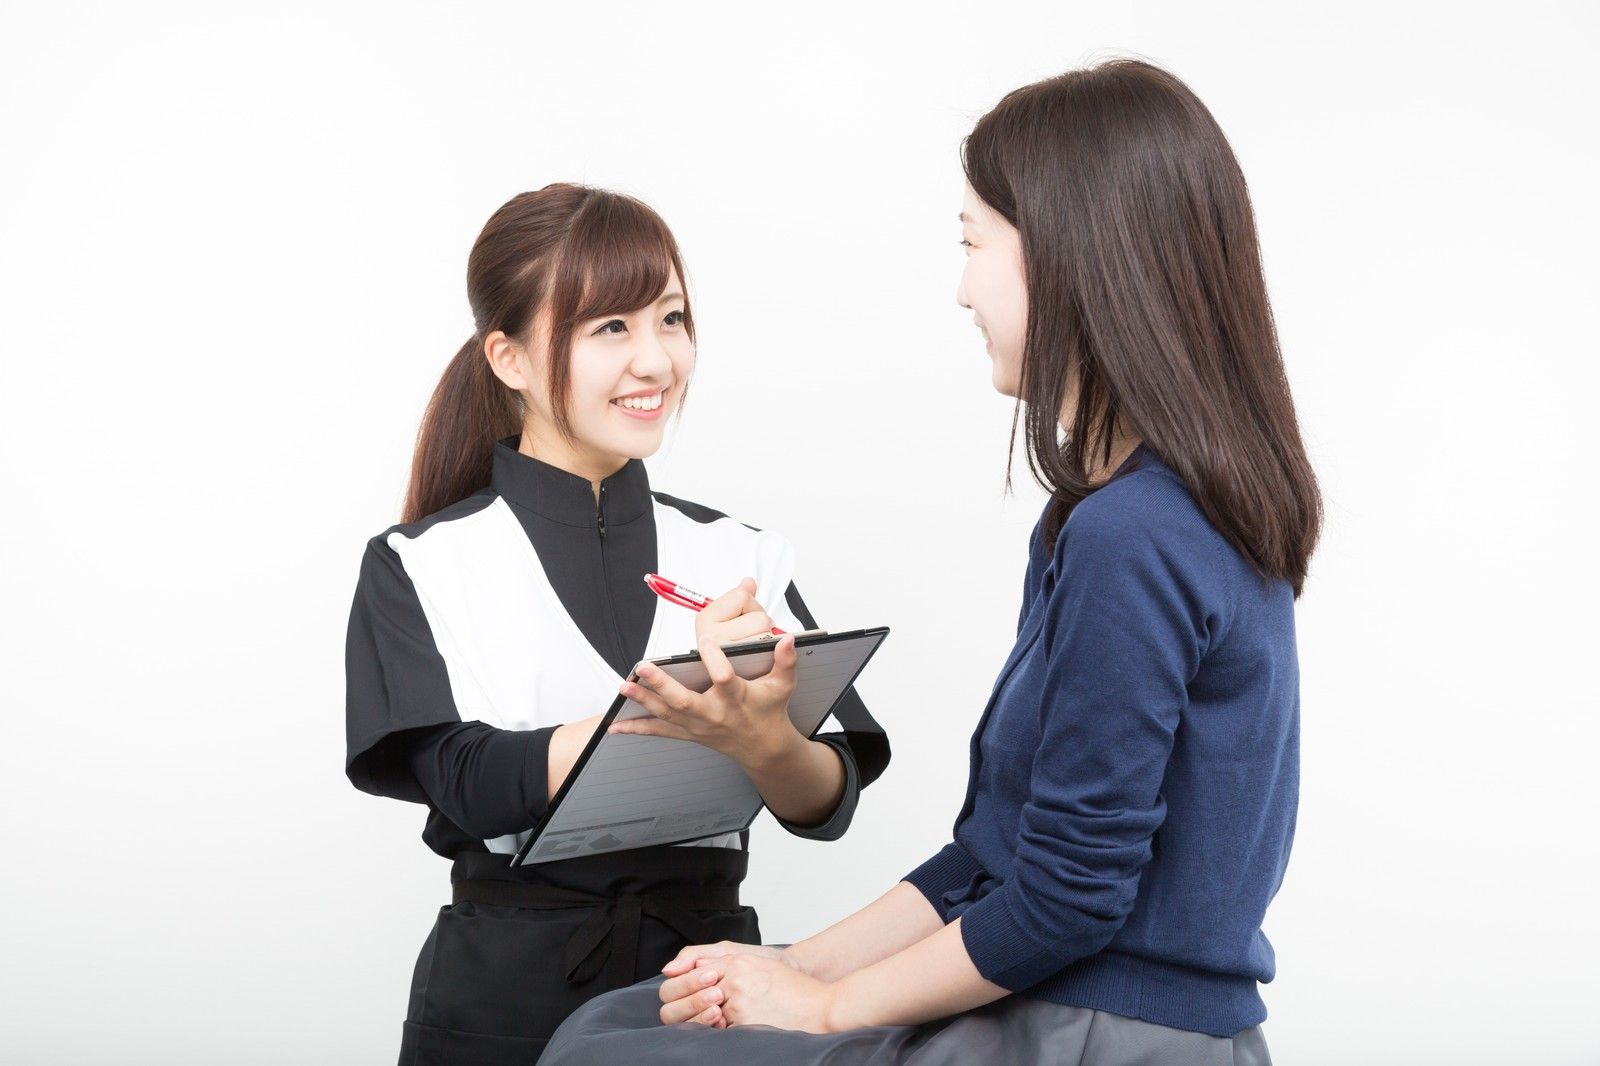 「患者の体調を問診する女性スタッフ患者の体調を問診する女性スタッフ」[モデル:河村友歌]のフリー写真素材を拡大